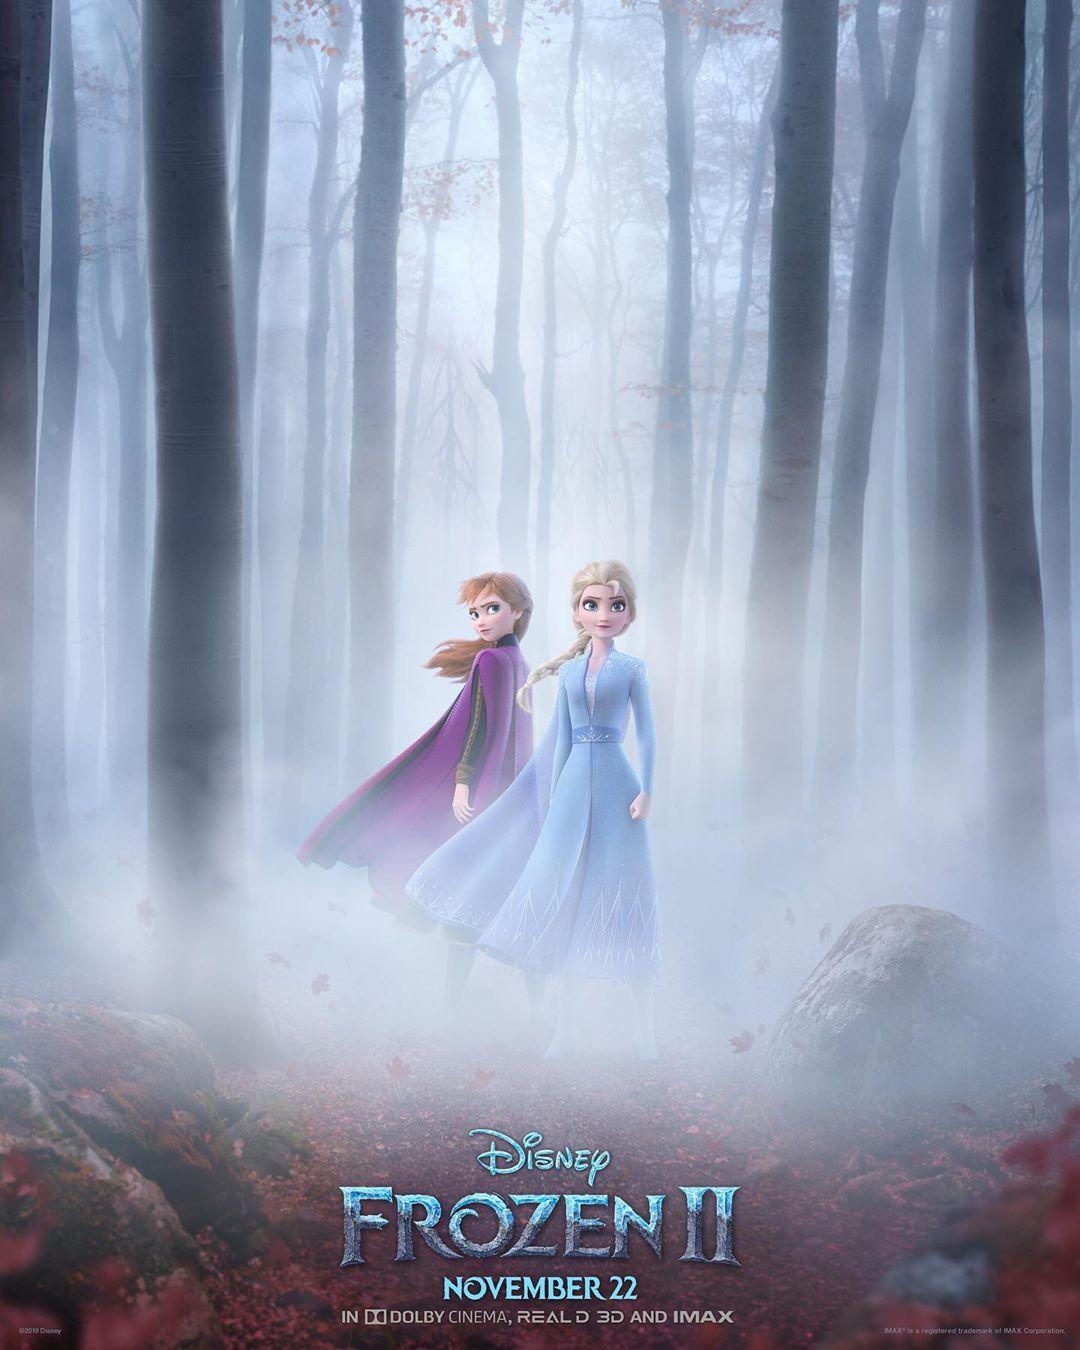 Film Frozen 2 Rilis Poster dan Trailer Terbaru